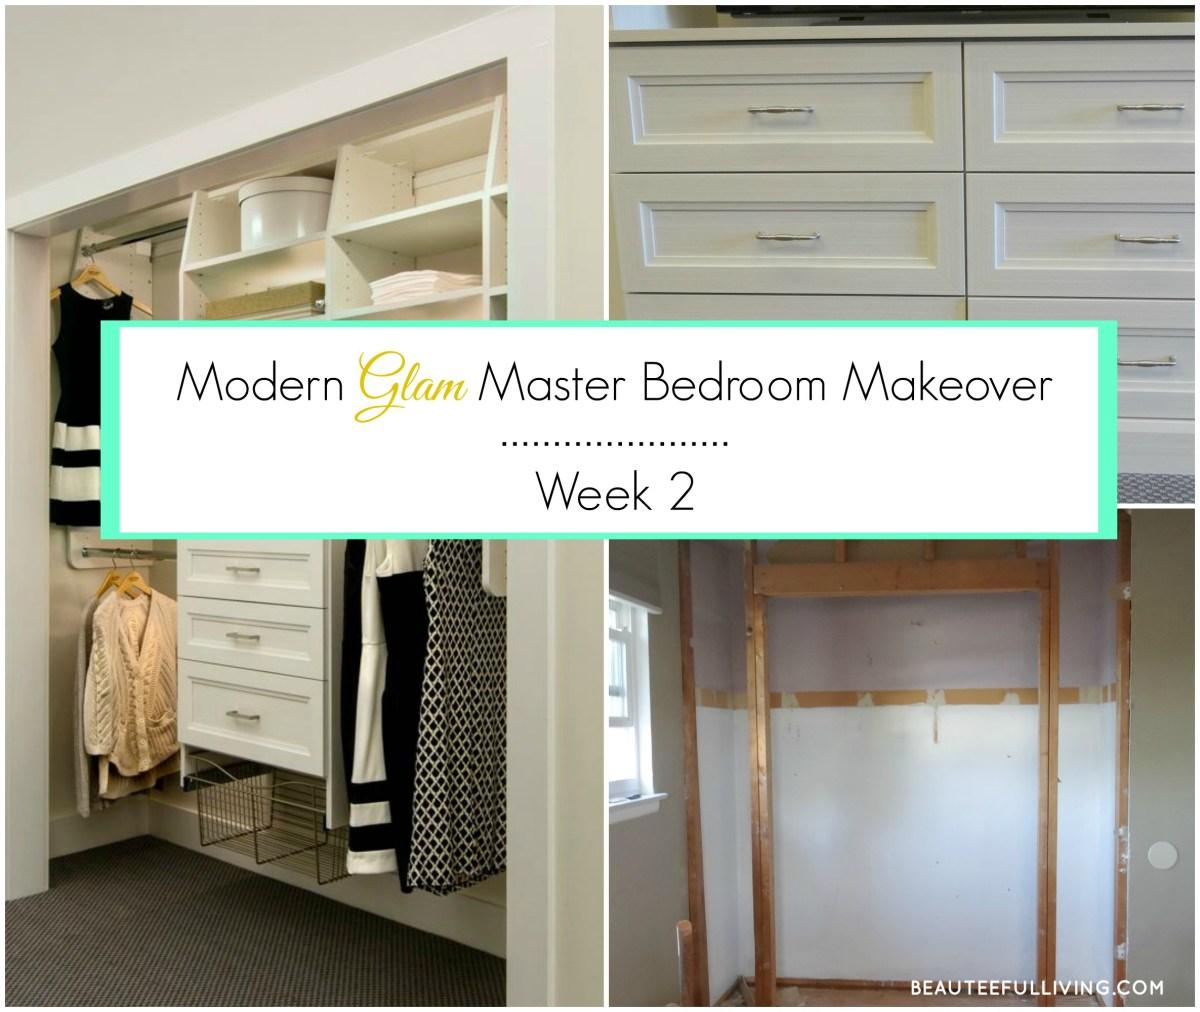 Modern Glam Master Bedroom Makeover - ORC Week 2